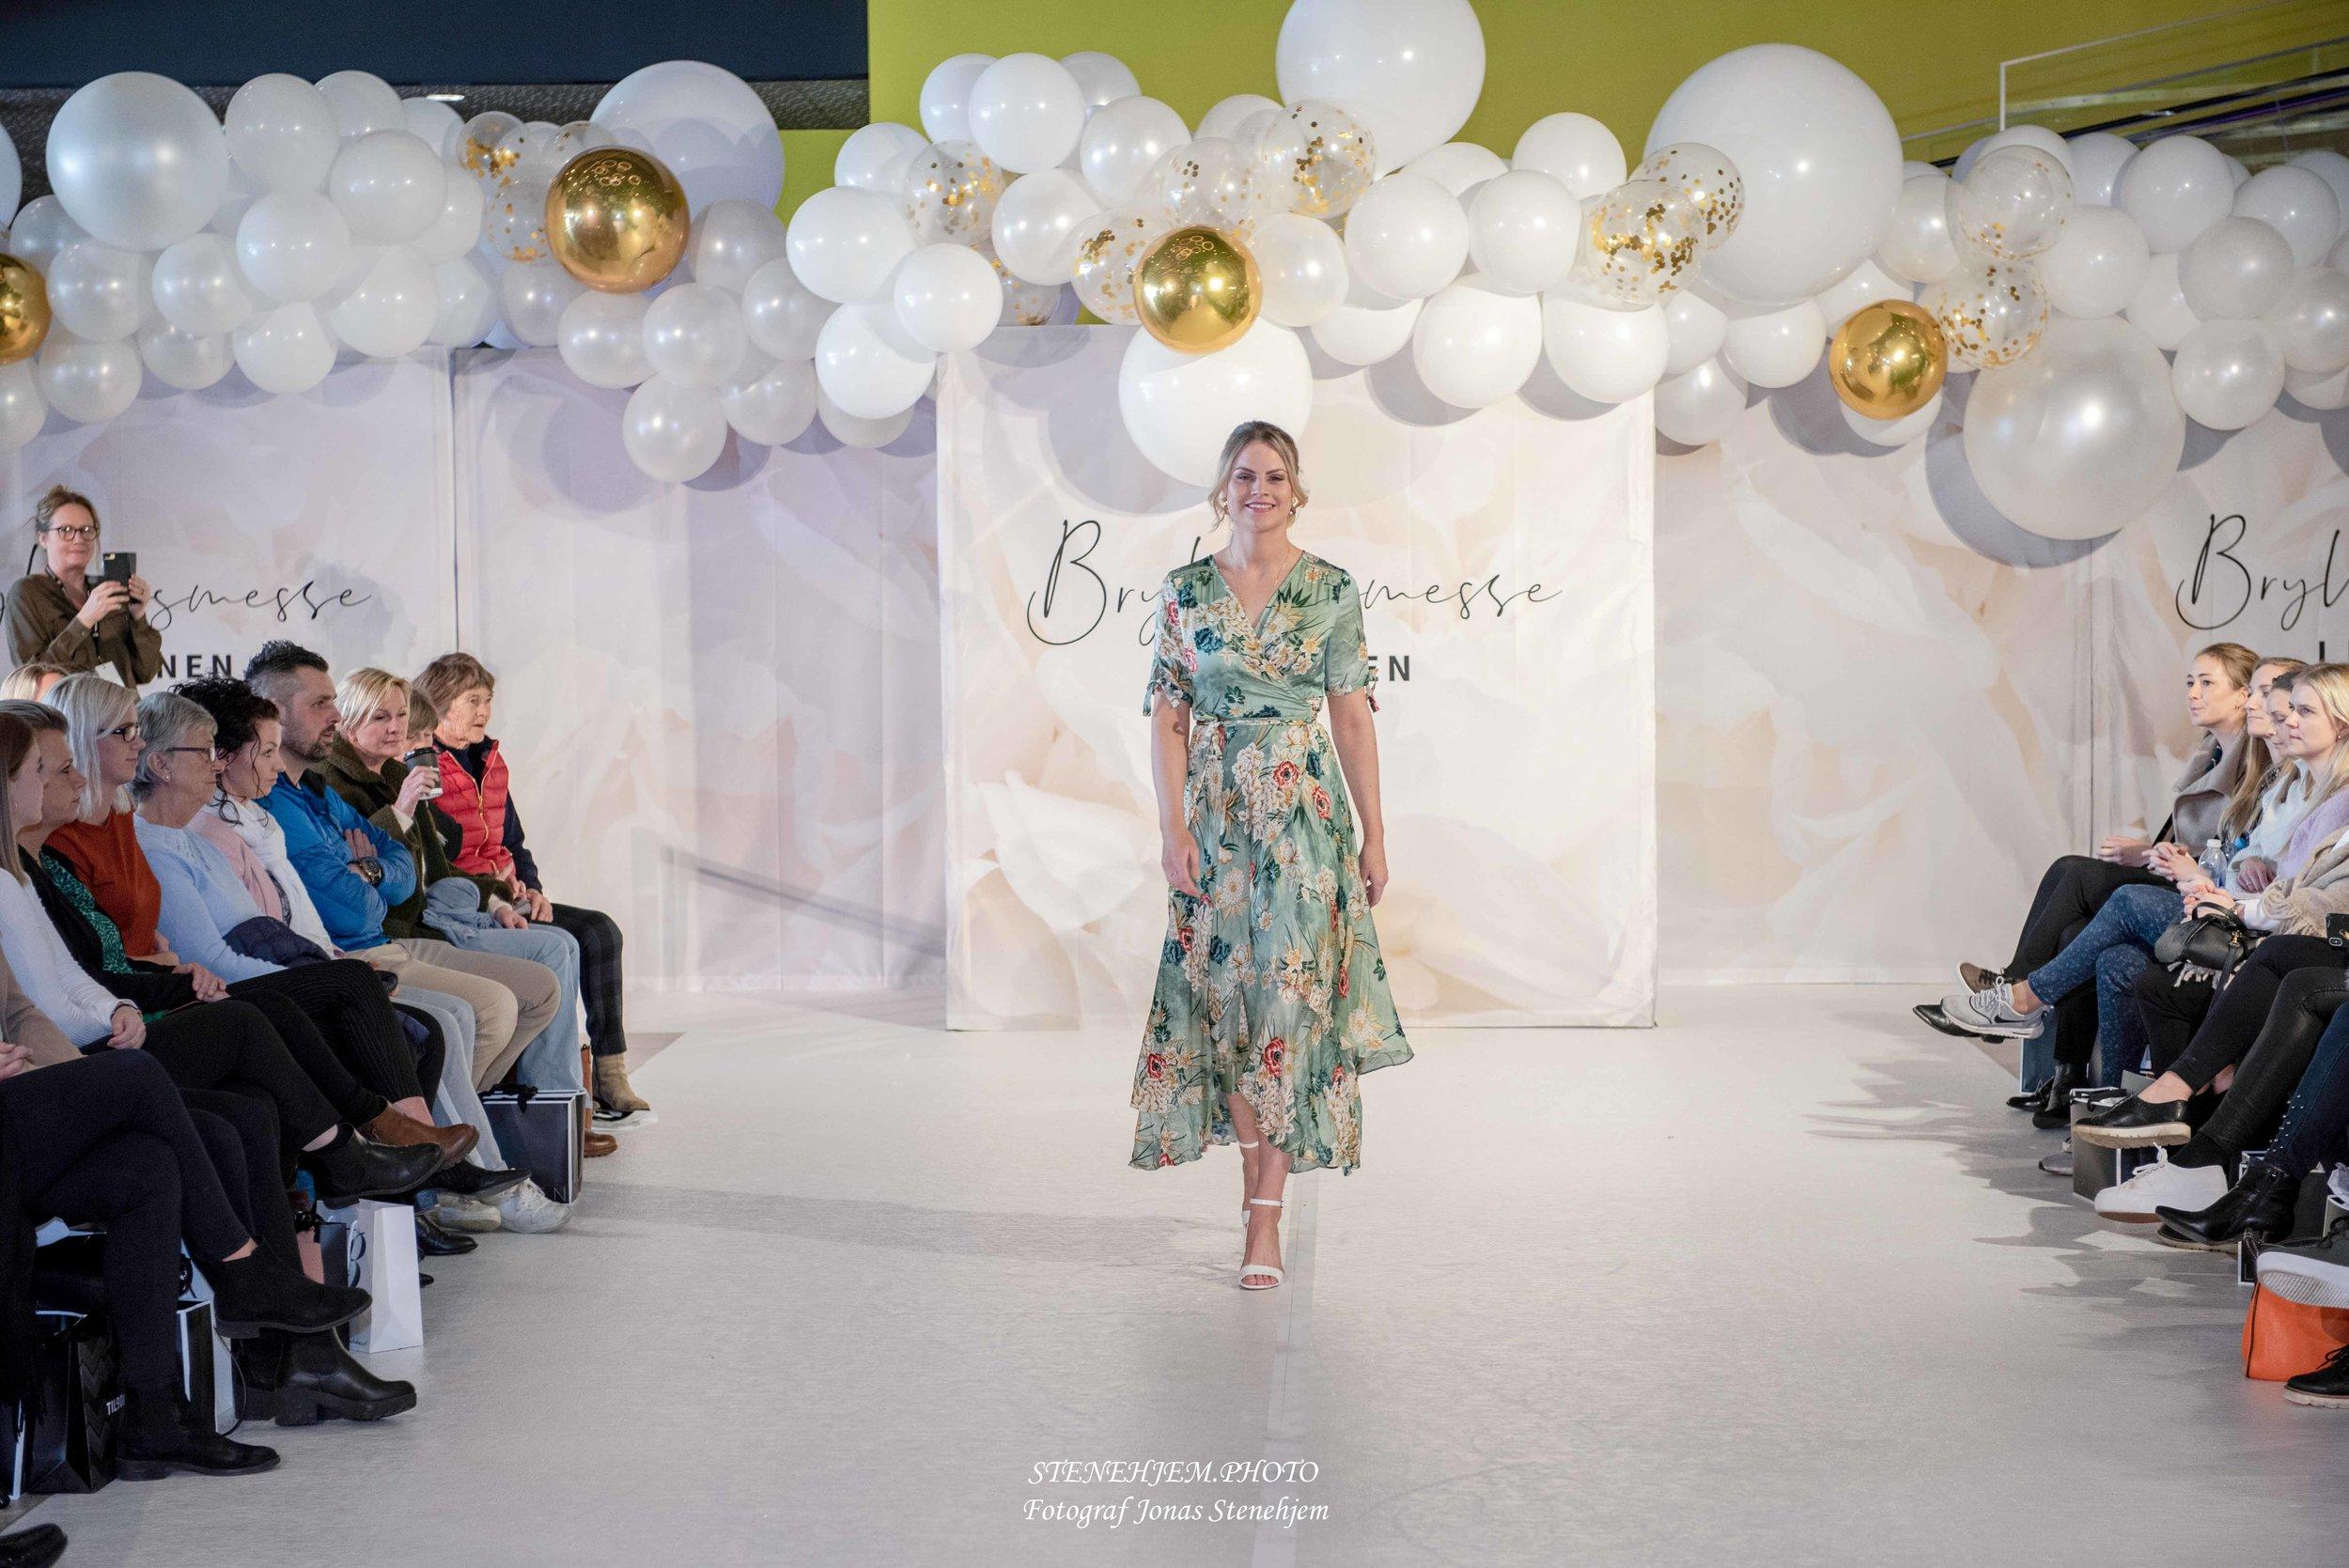 lagunen_fashion_mittaltweddingfair__001.jpg